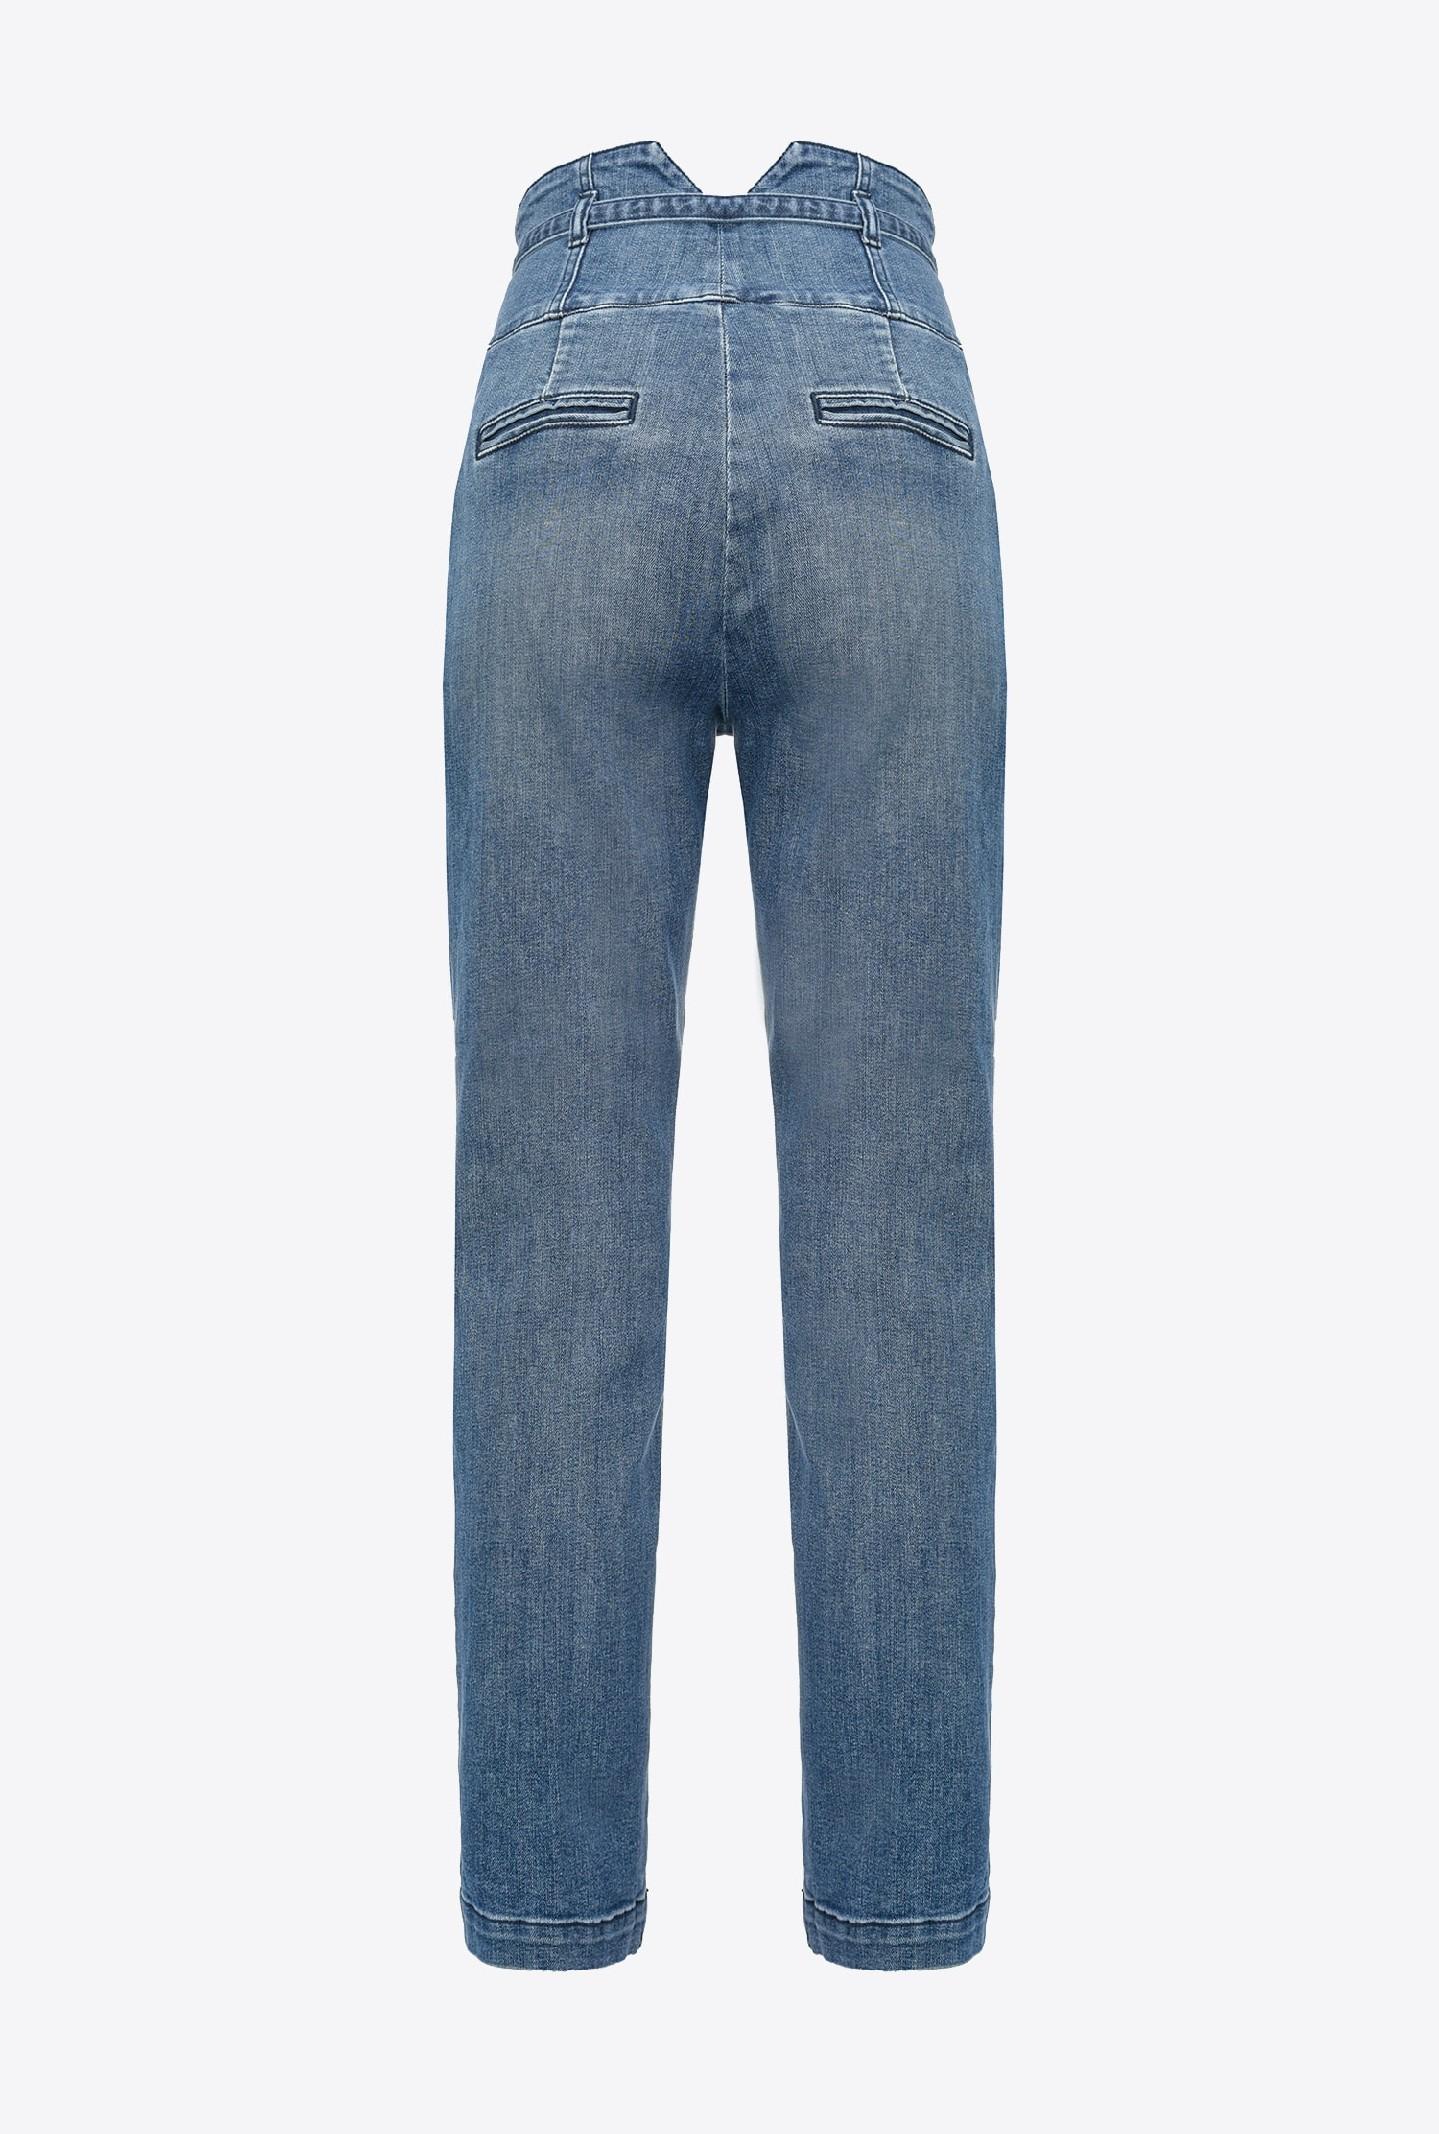 ariel bustier PINKO | Jeans | 1J10QS Y78MG14